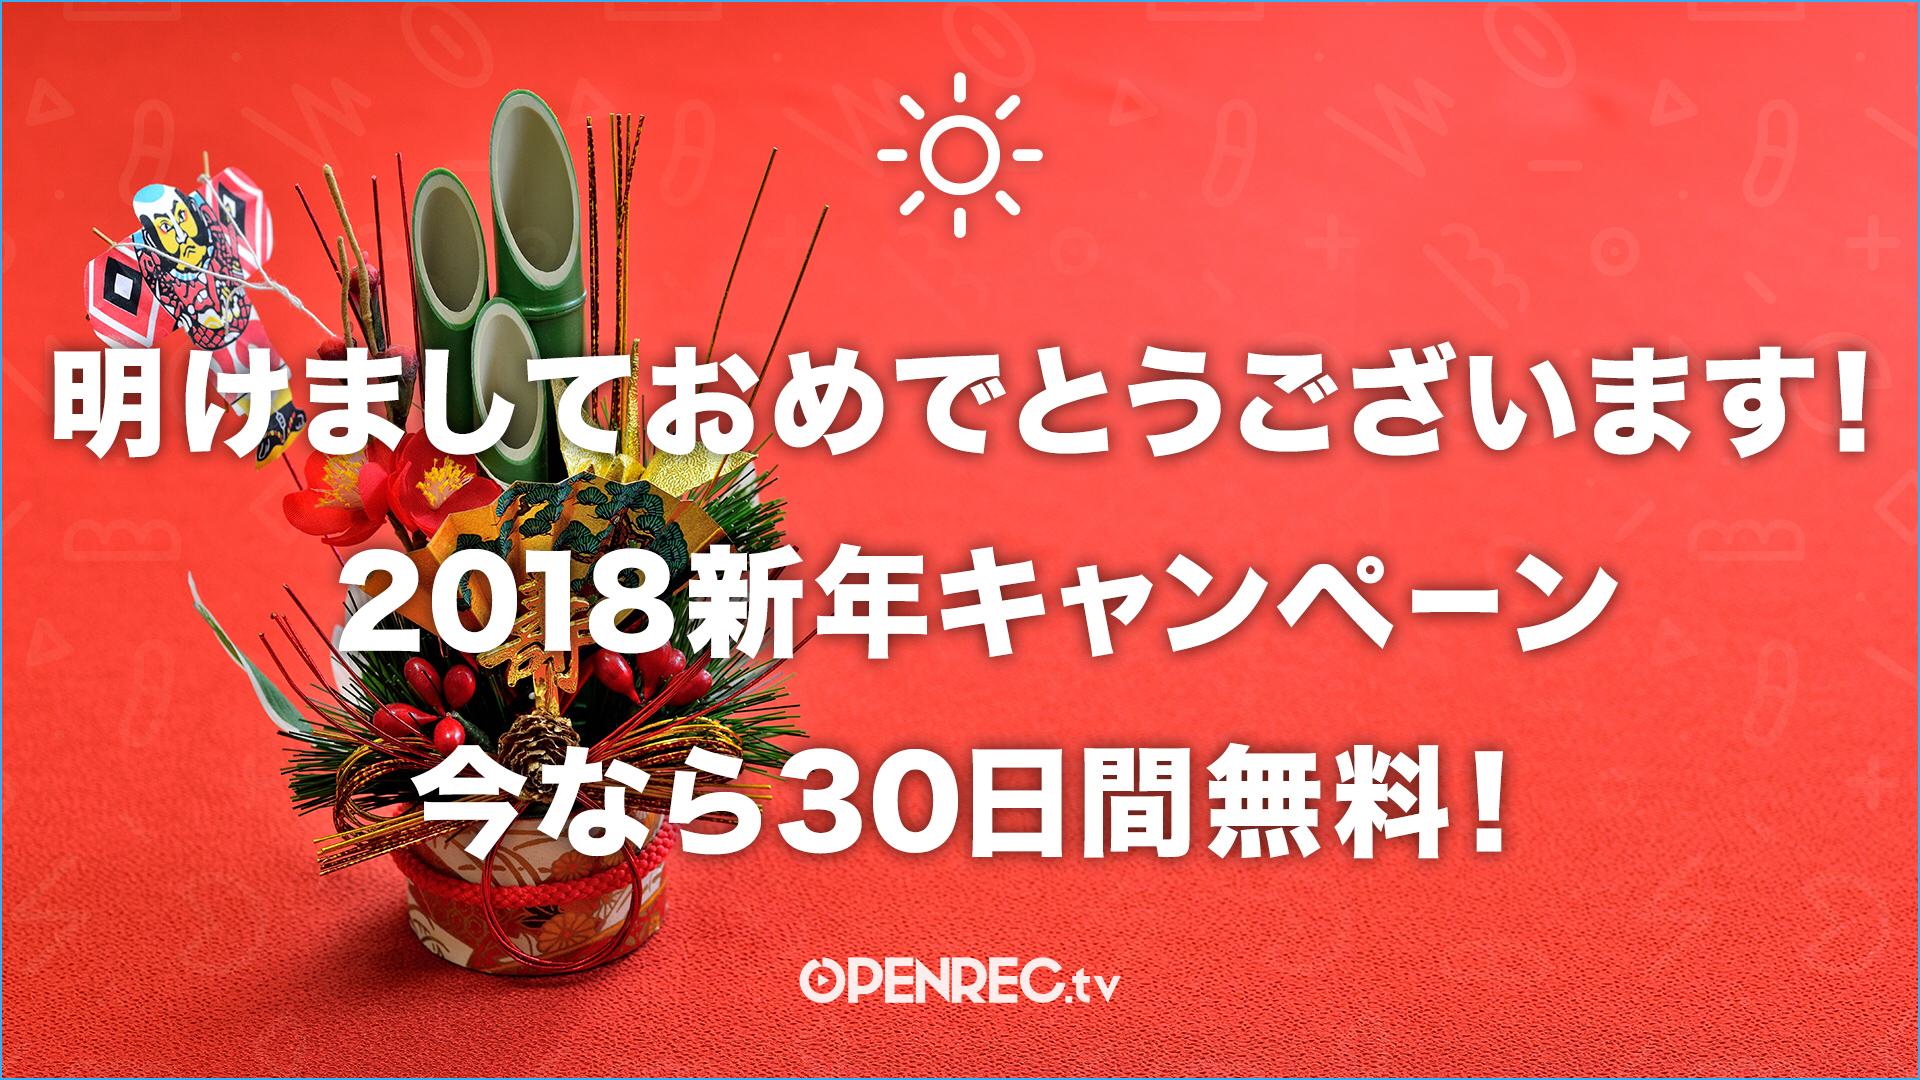 2018新年キャンペーン!新年スタンプ&今ならプレミアム会員30日間無料!